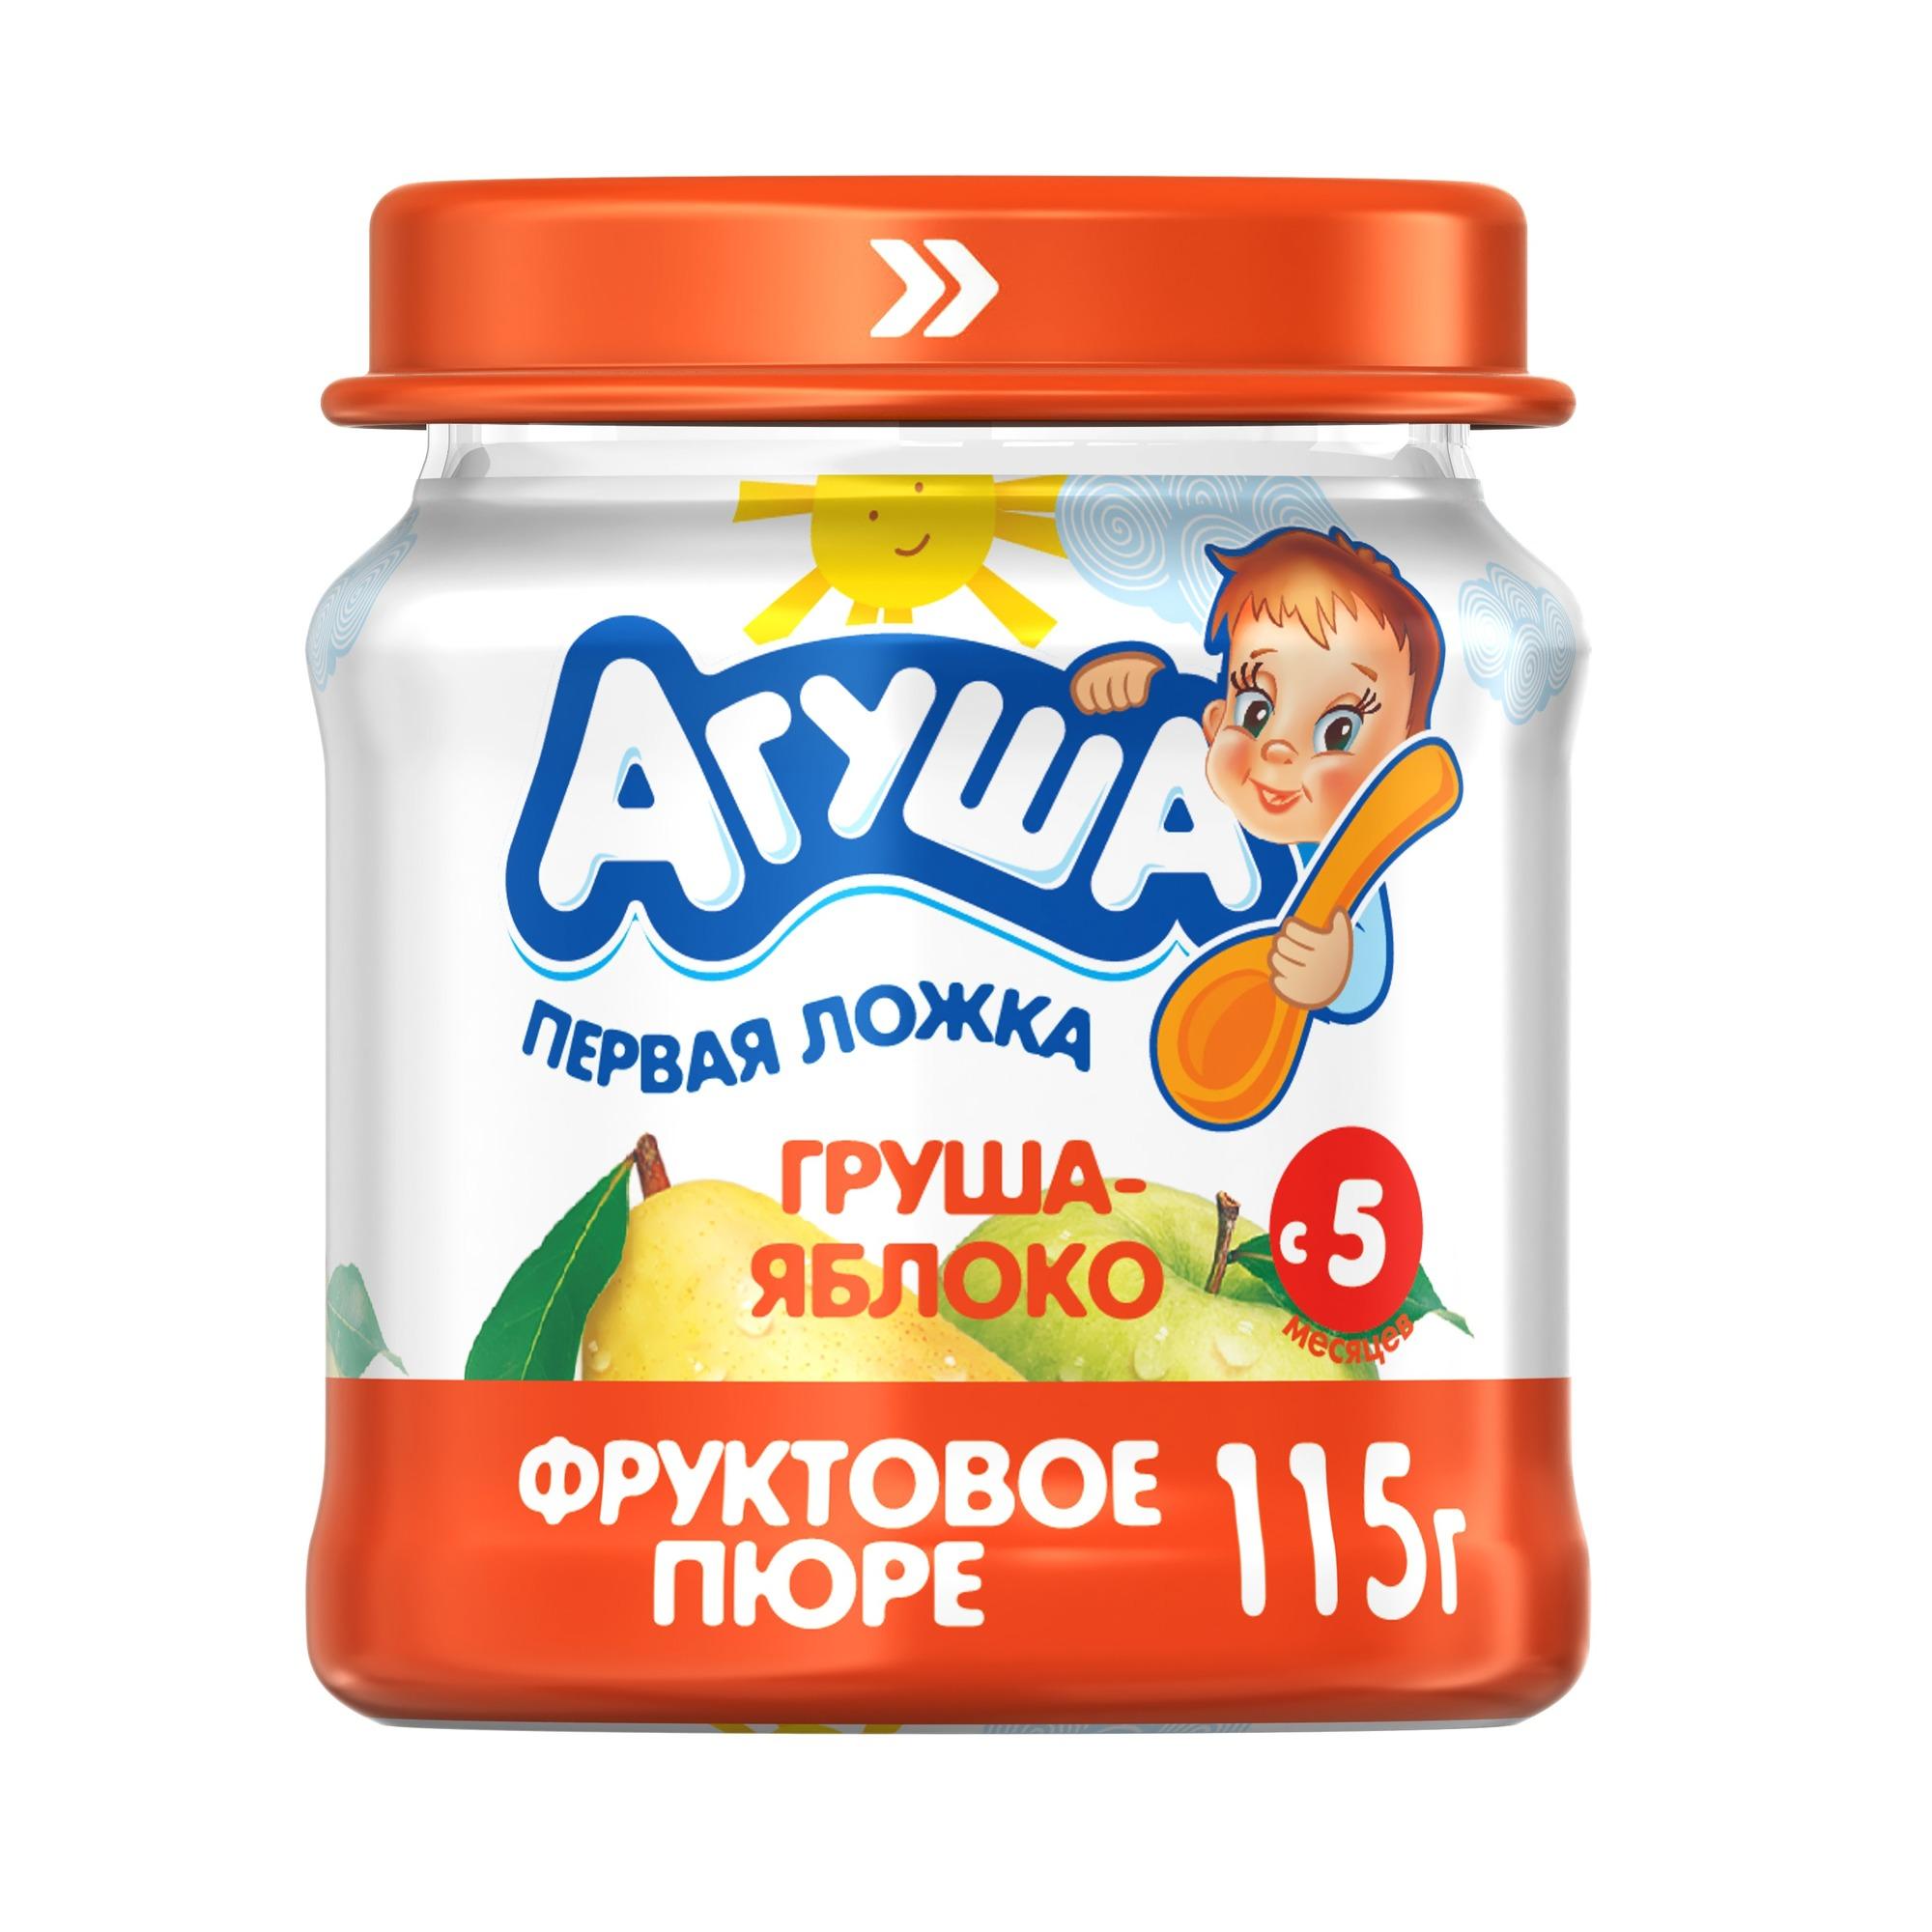 Купить Пюре фруктовое Агуша Груша-яблоко с 5 мес. 115 г, Фруктовое пюре